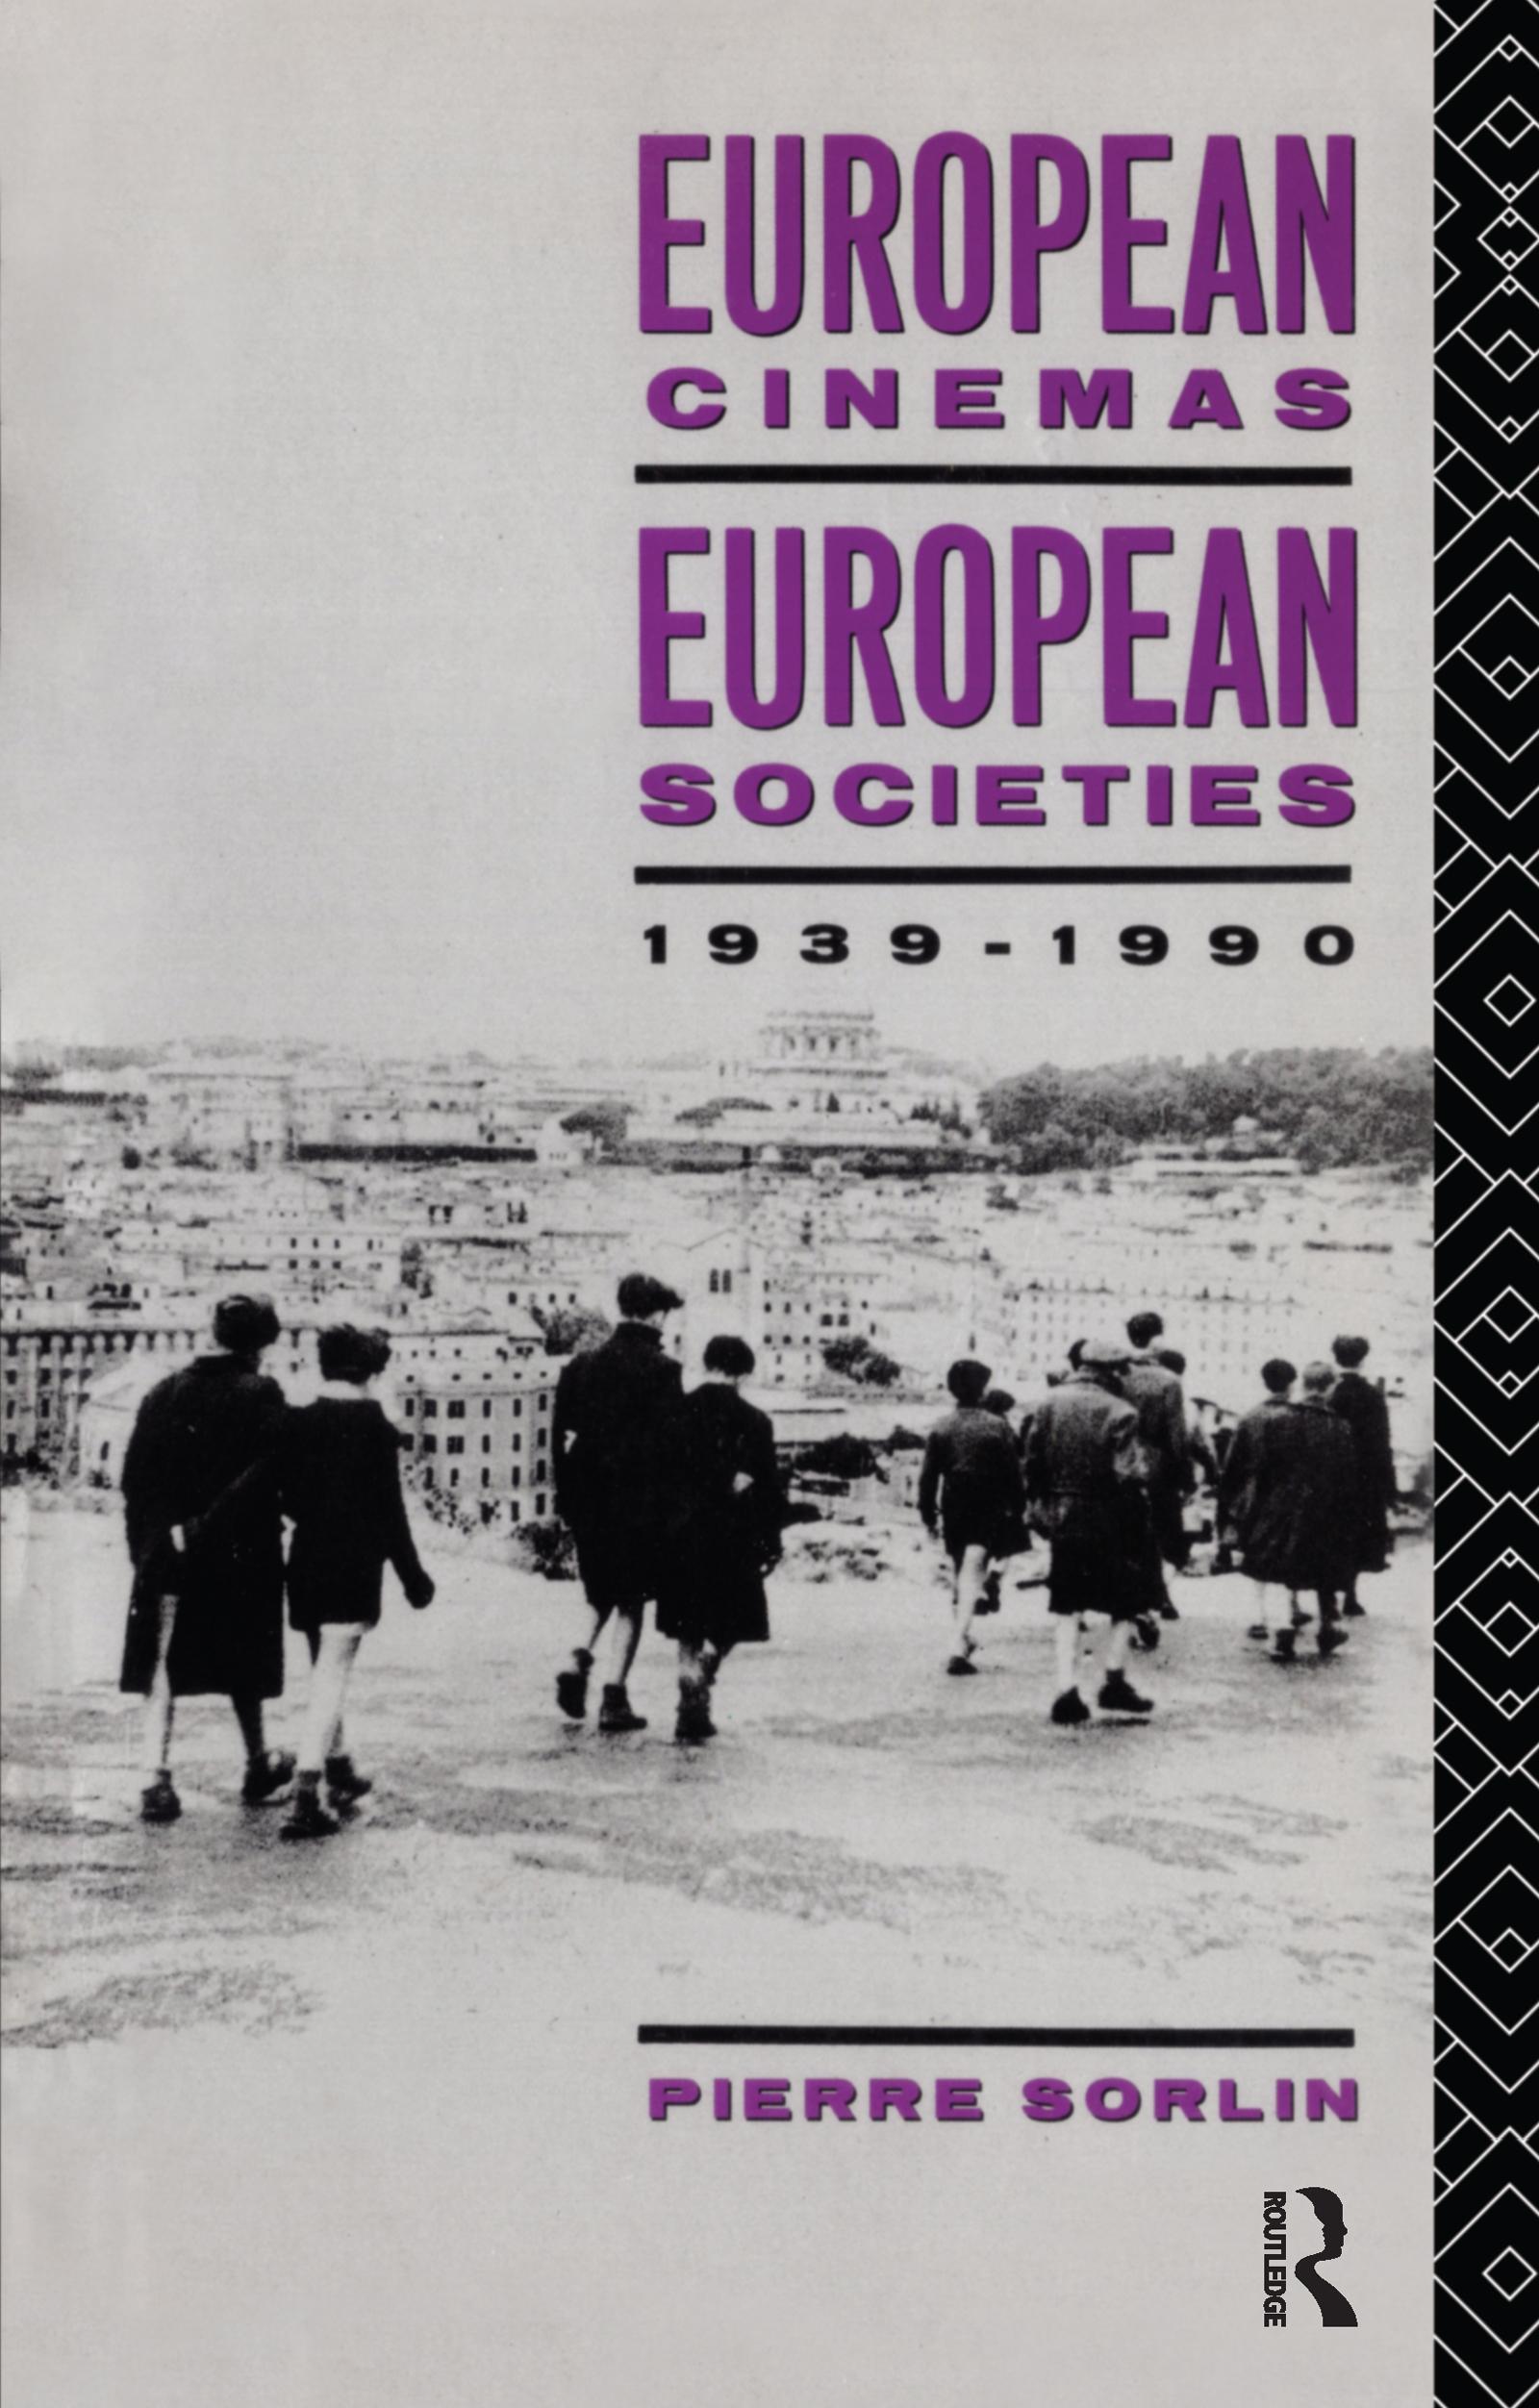 European Cinemas, European Societies